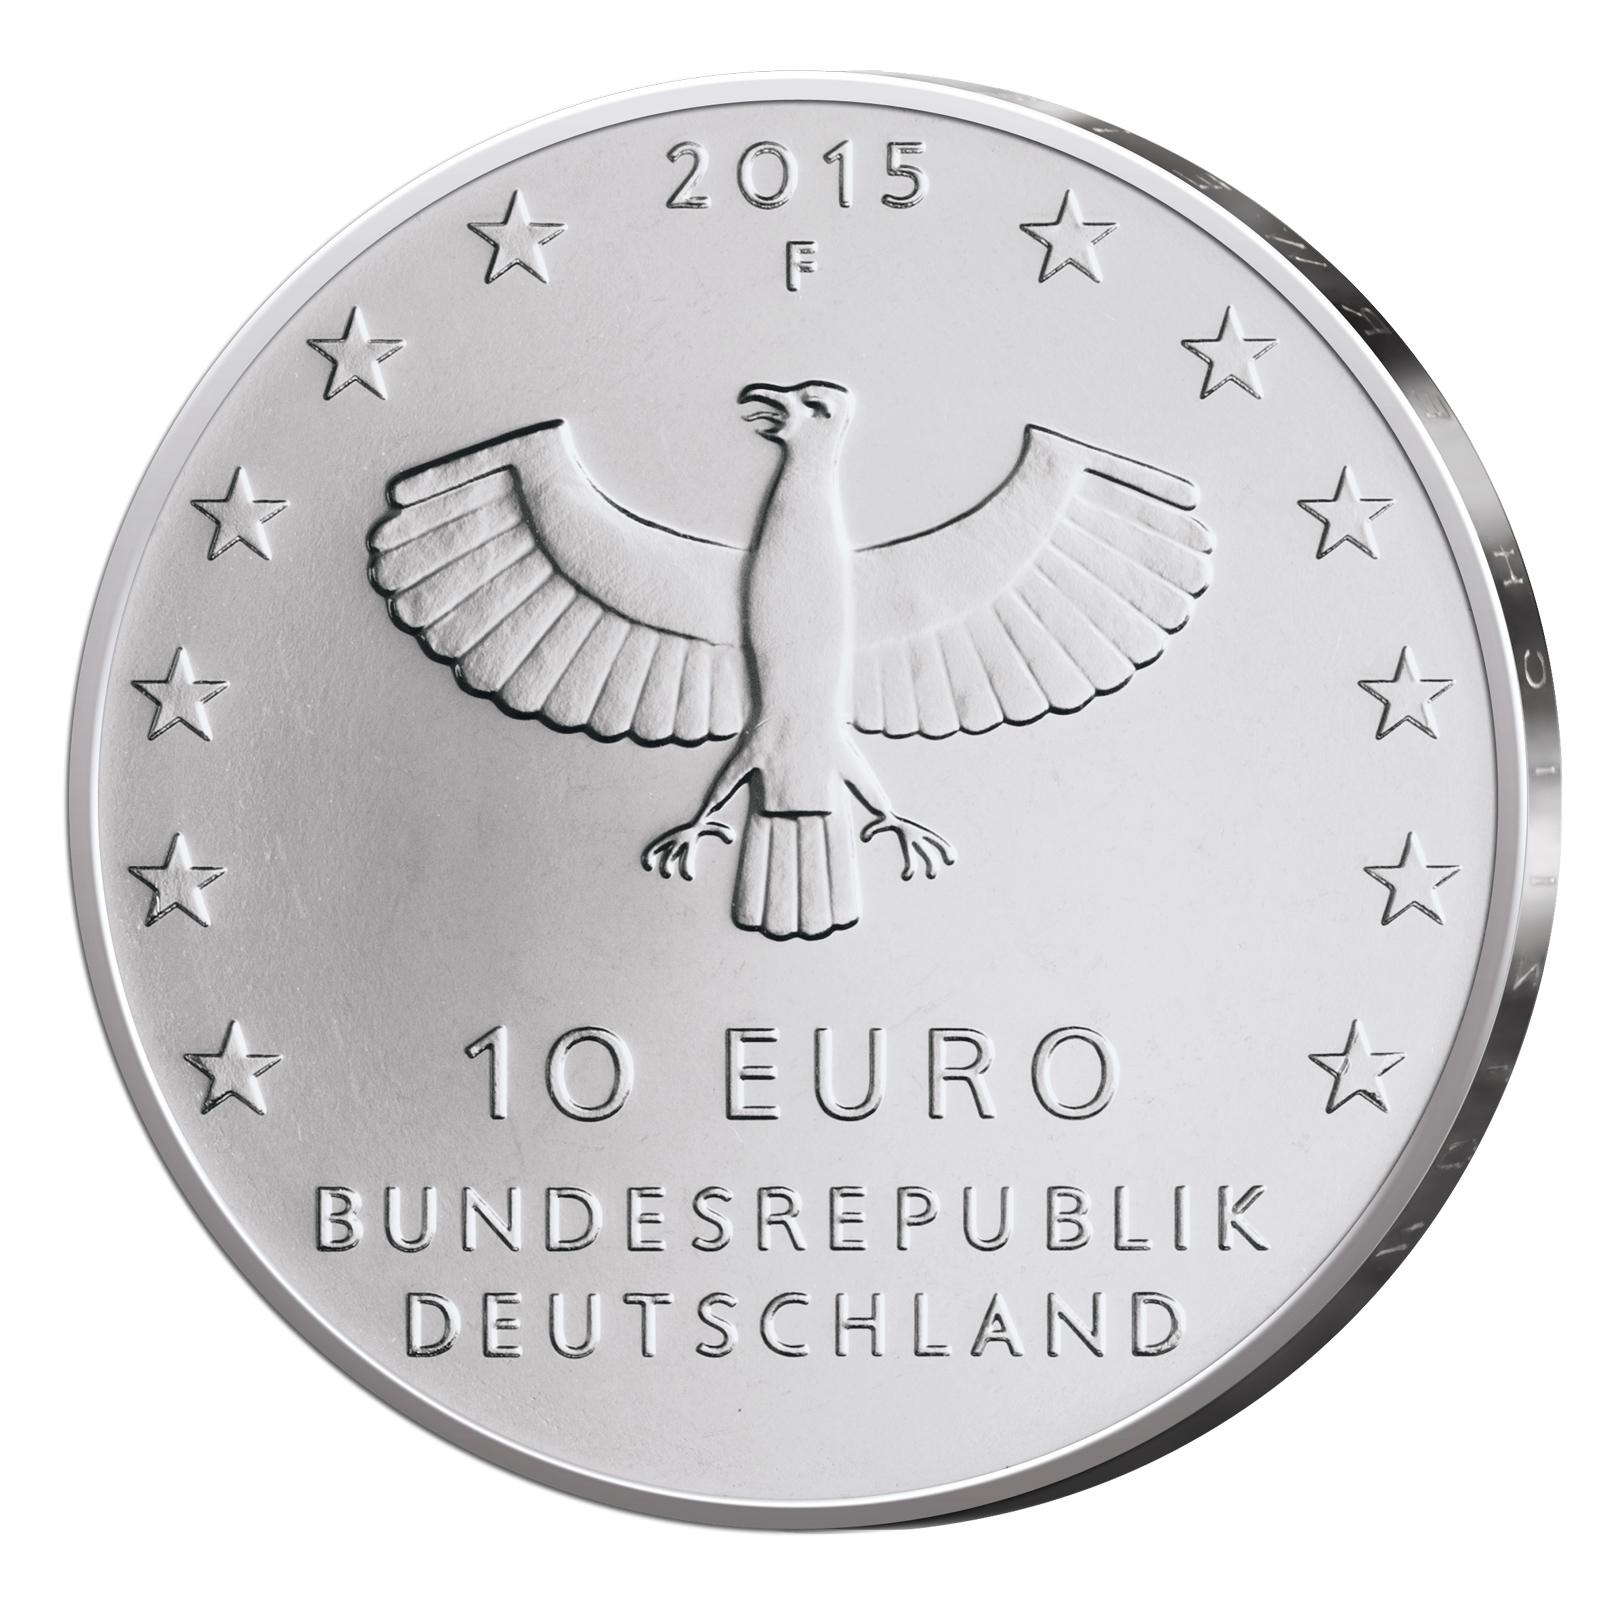 10 Euro Münzen Aus Deutschland 2015 Primus Münzen Blog